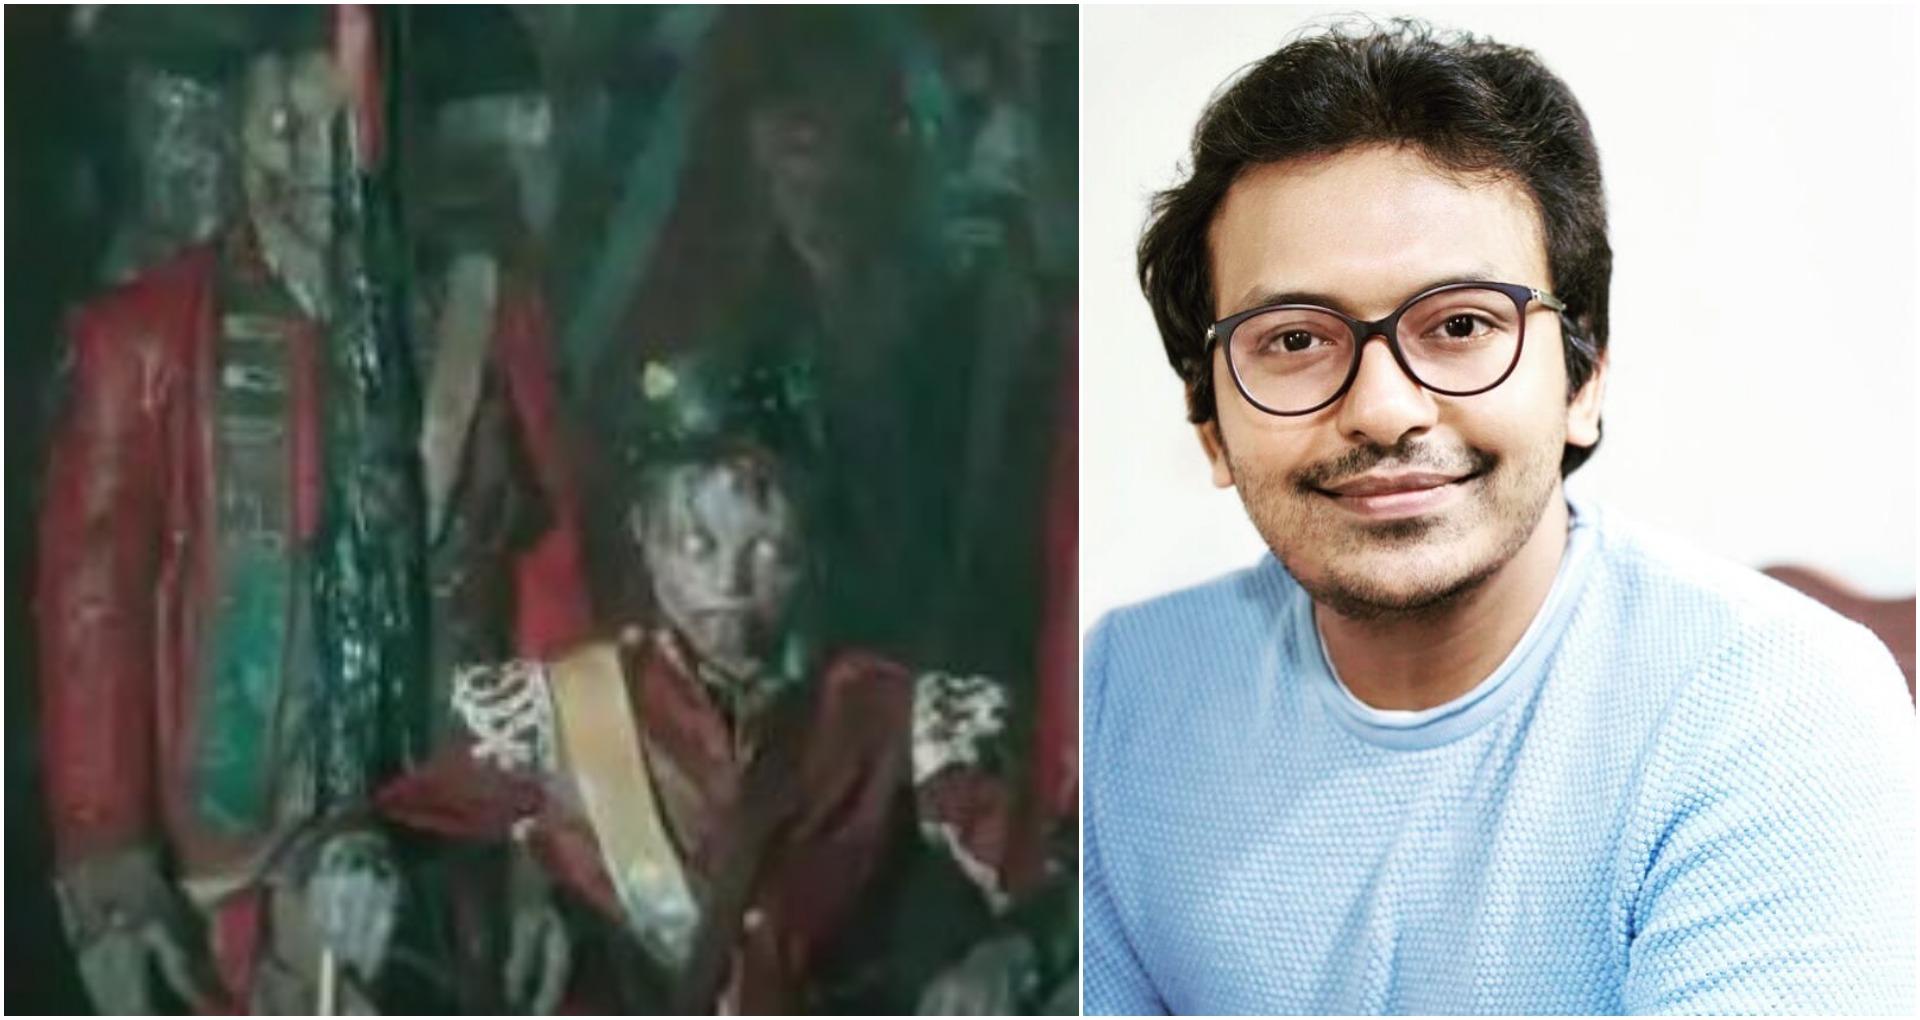 शाहरुख की हॉरर वेब सीरीज़ बेताल को लेकर कास्टिंग डायरेक्टर पराग मेहता ने कहा- ये बड़ी चुनौती थी